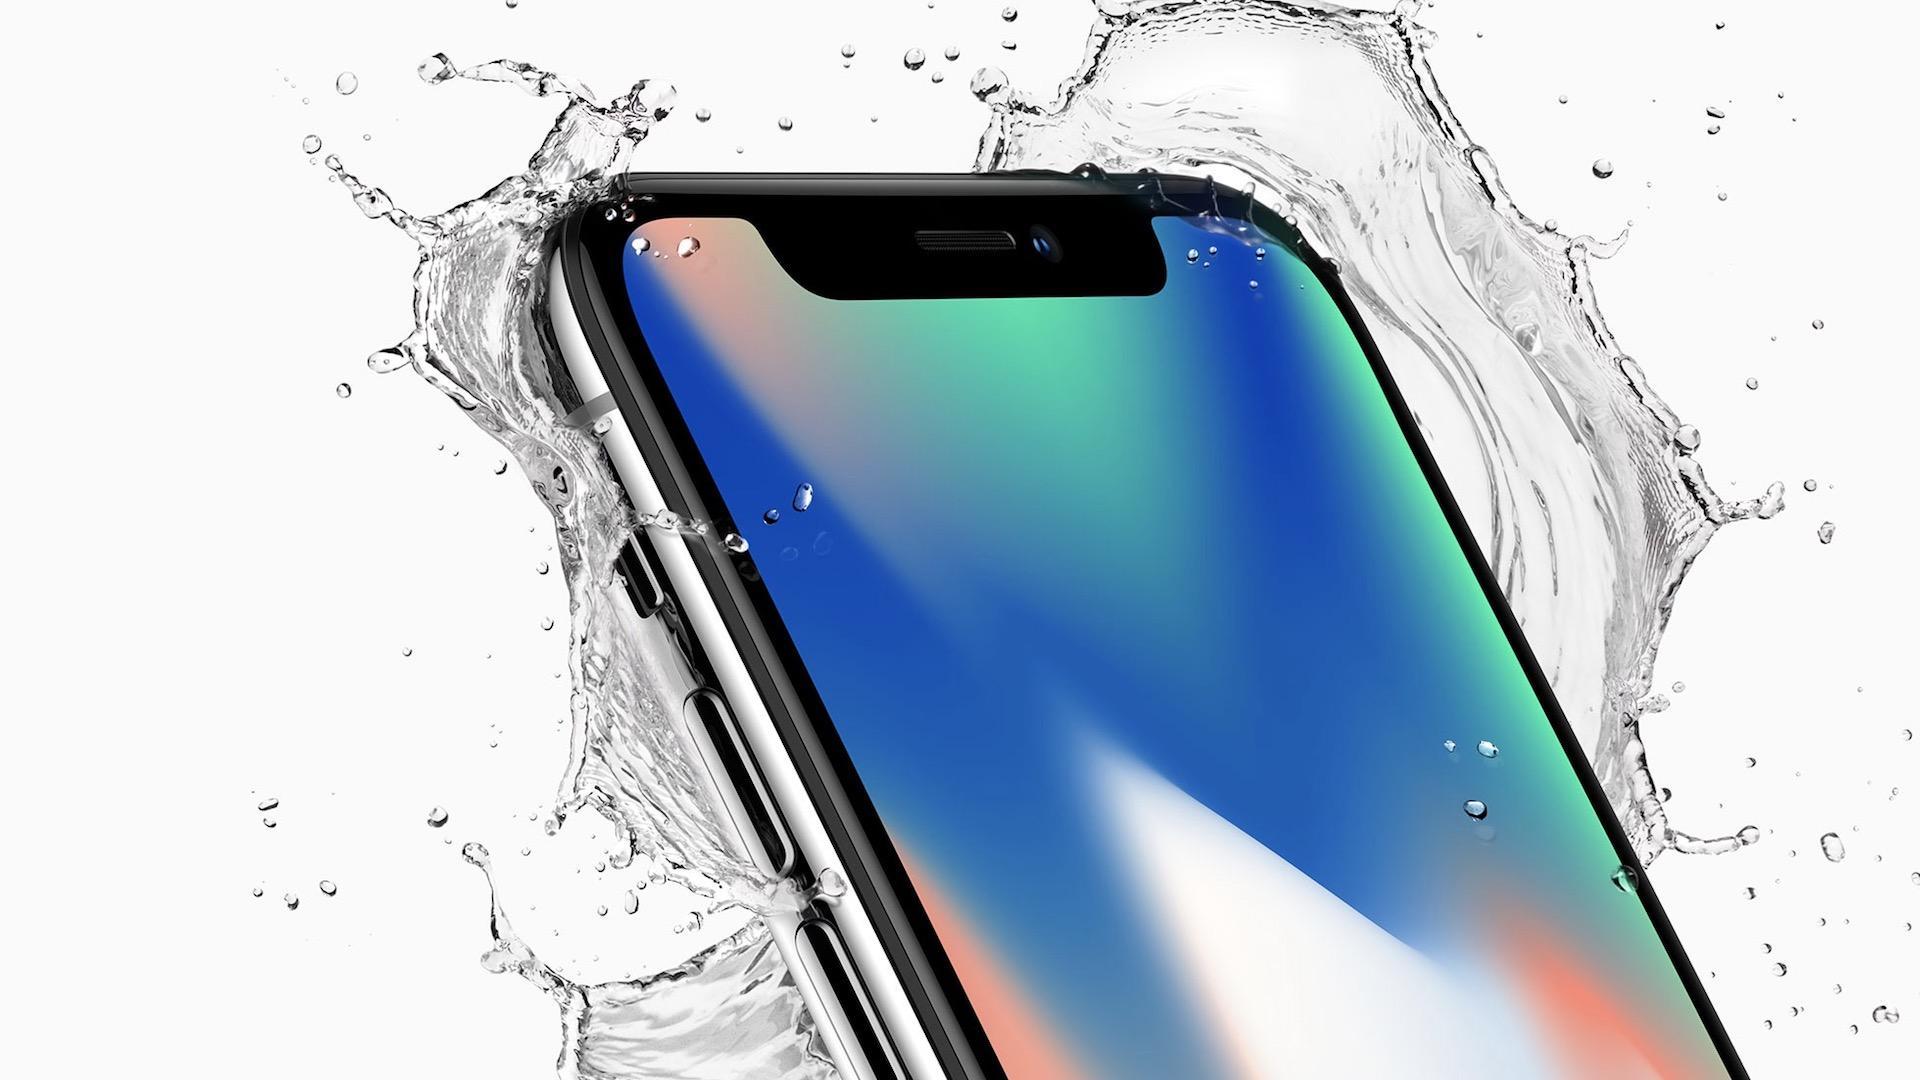 El iPhone X ya está a la venta. ¿En qué países?